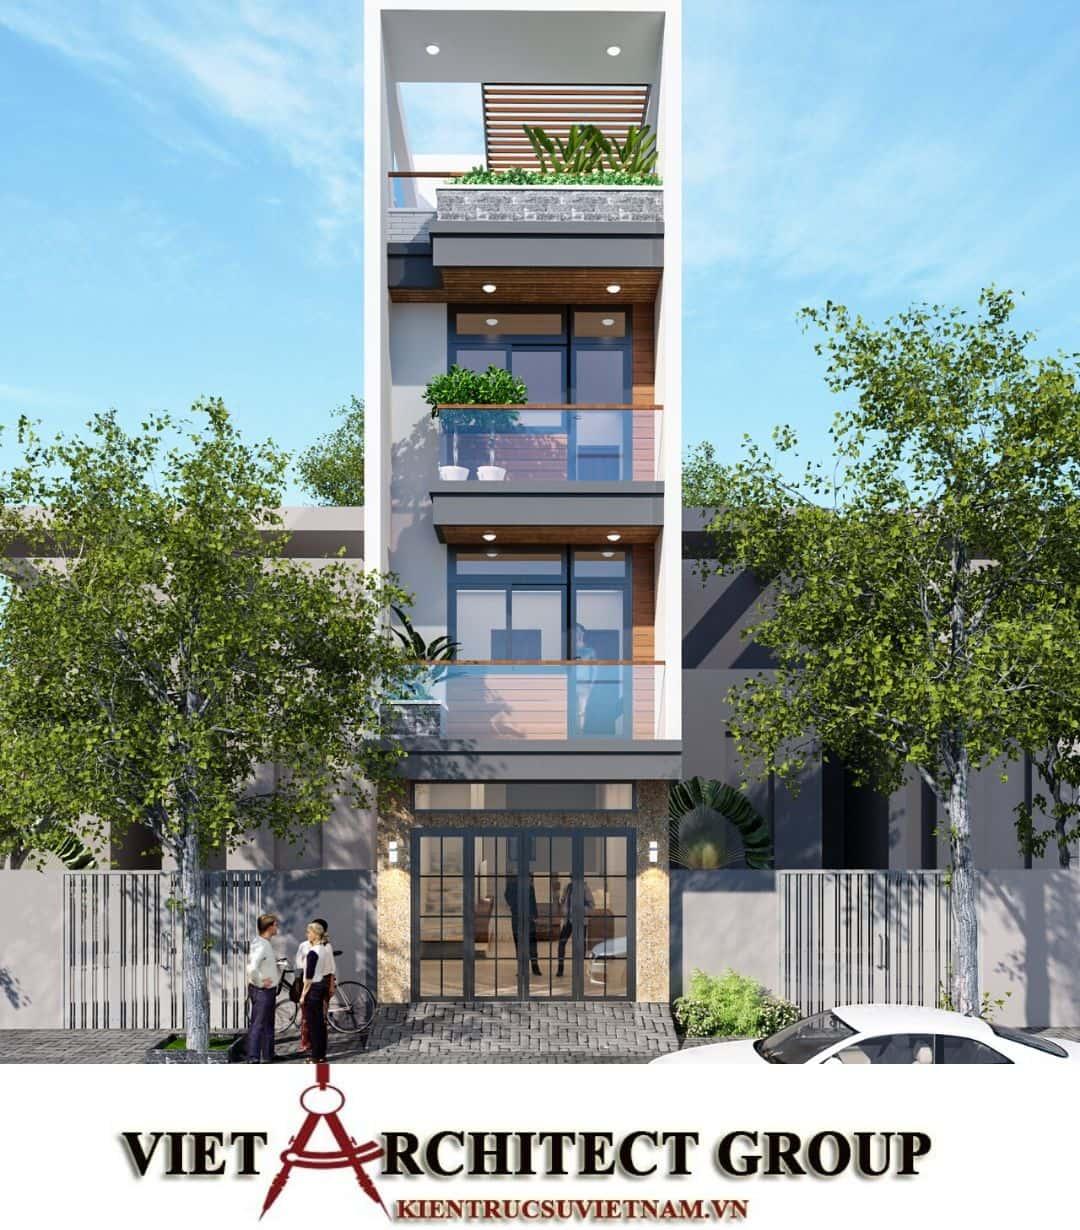 1 57 - Công trình nhà phố mặt tiền 4m 1 trệt 2 lầu sân thượng chị Hải - Thủ Đức